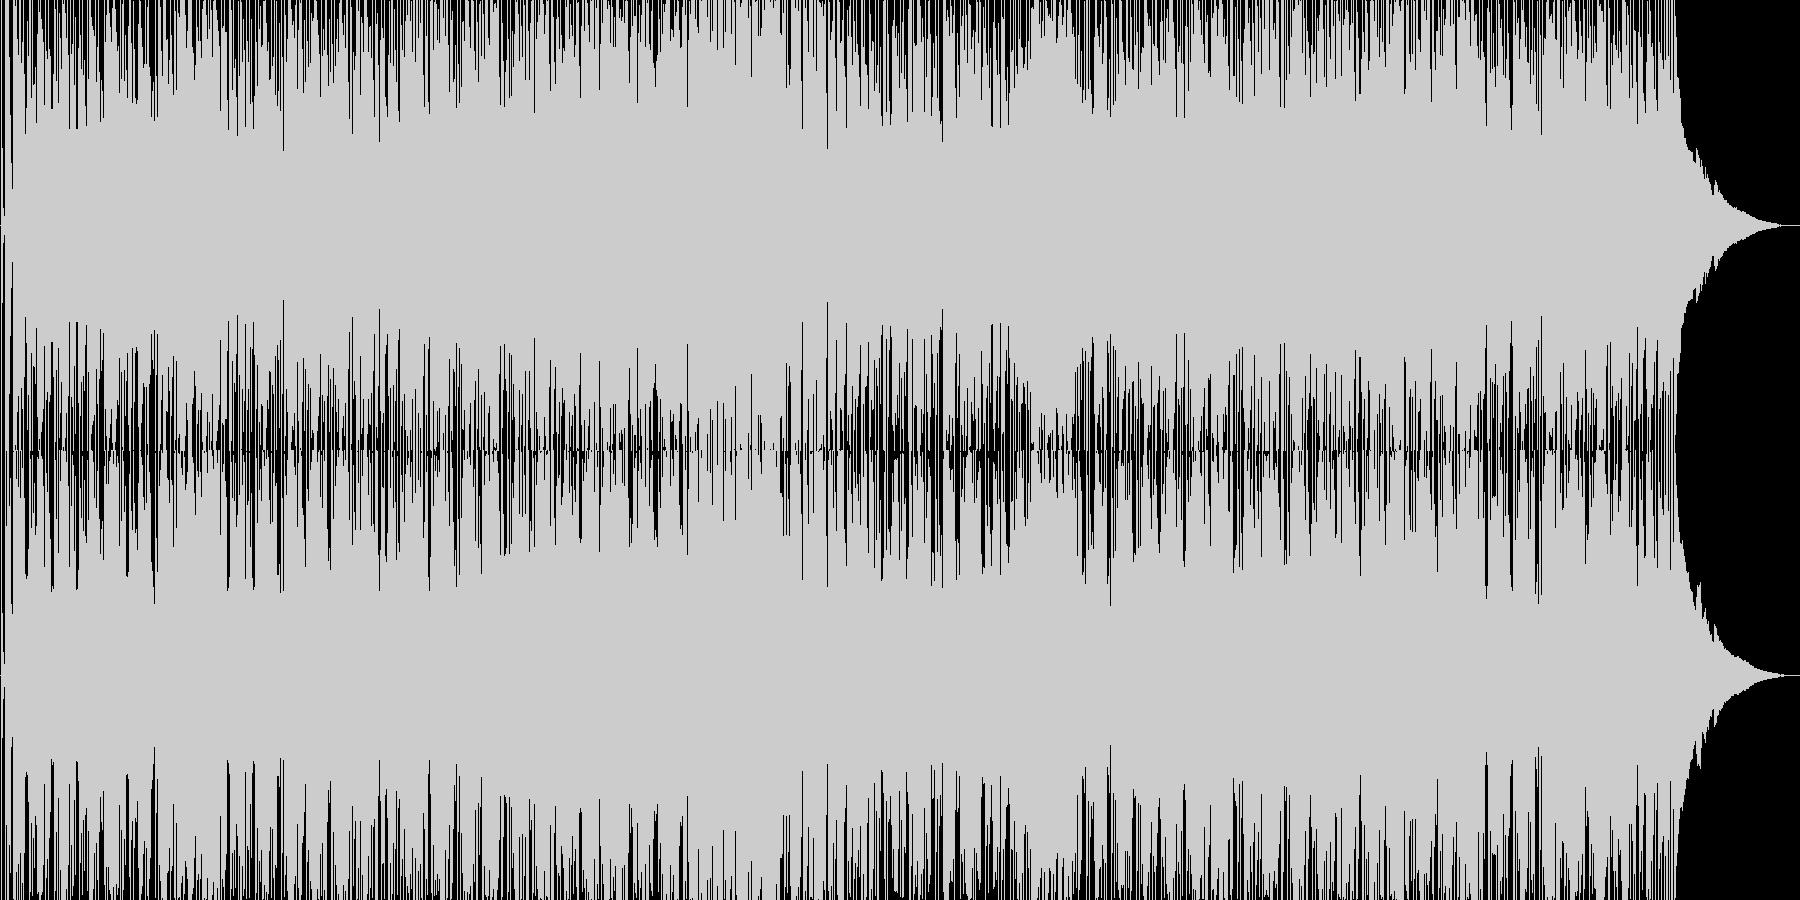 夏の浜辺のイメージのギターシンセポップスの未再生の波形